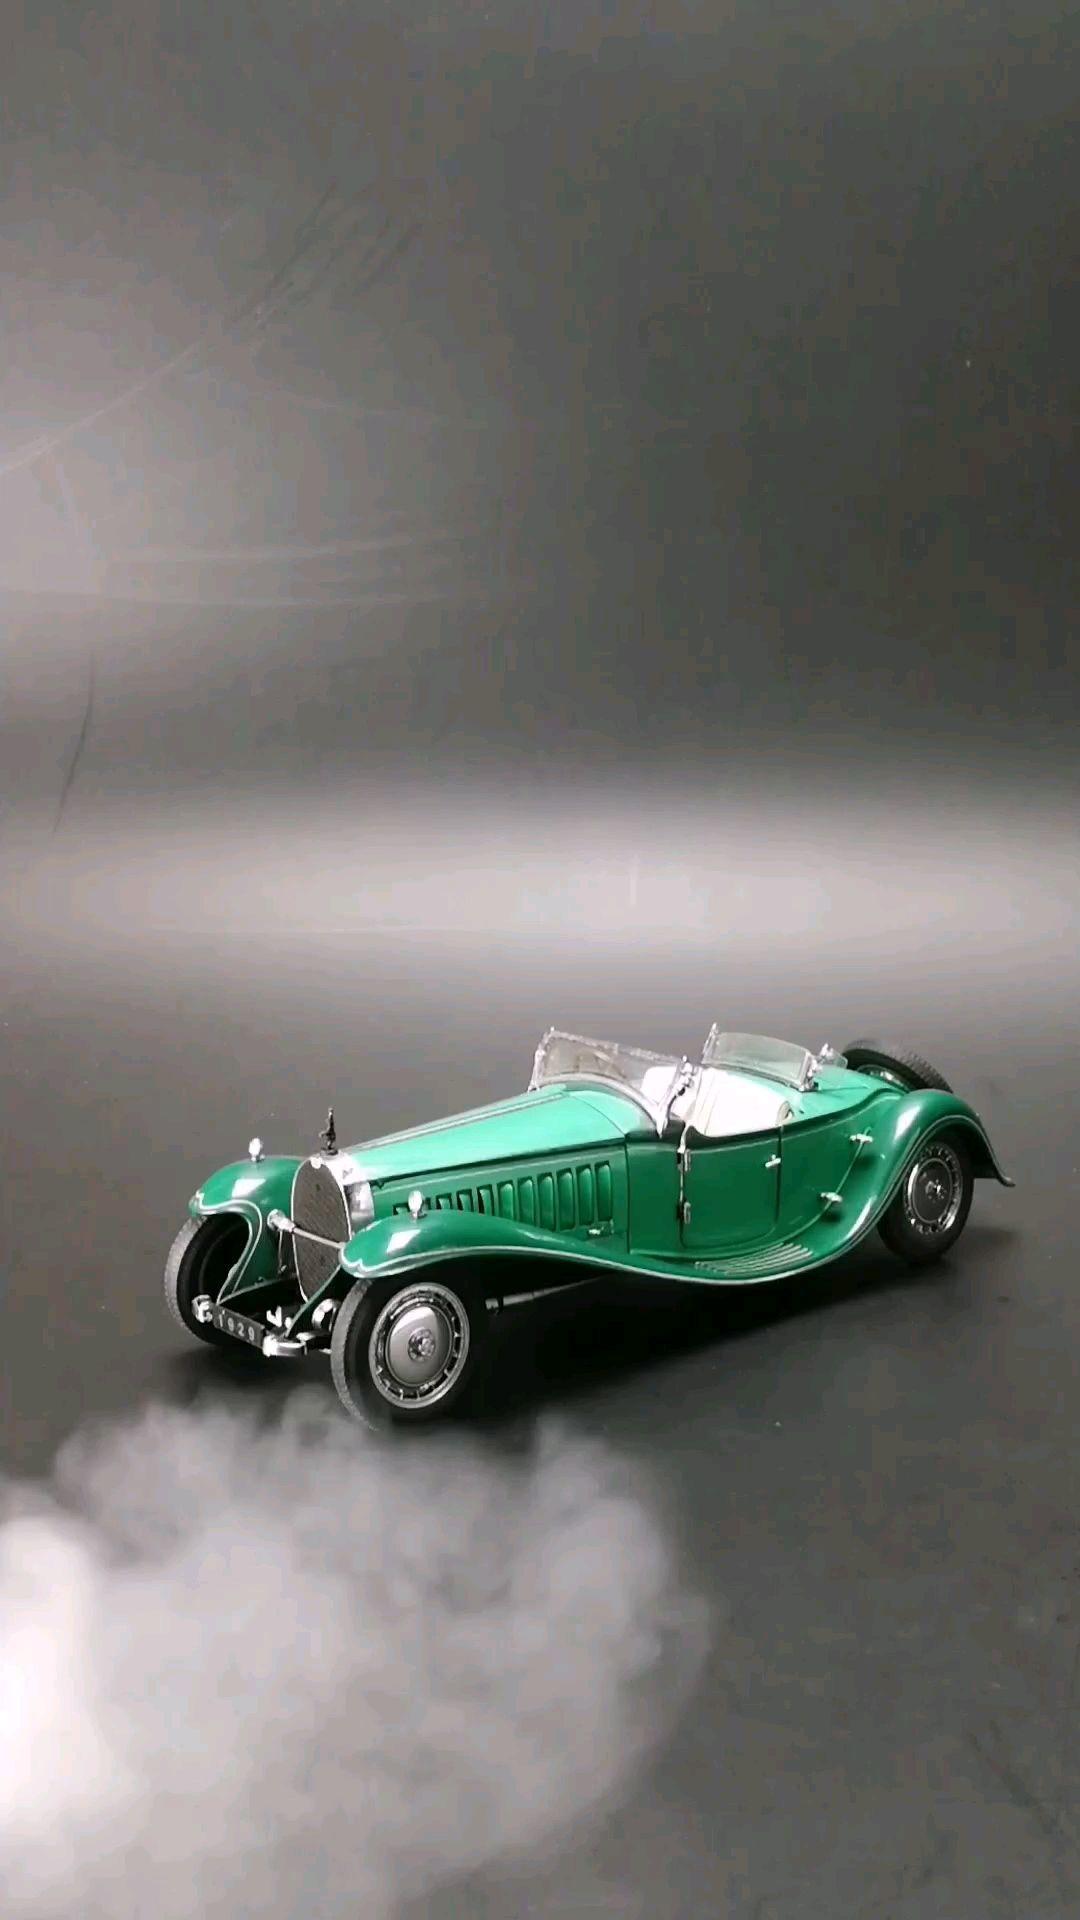 1929布加迪皇家41型敞篷跑车。1:24比例,东晓汽车模型收藏馆藏品。